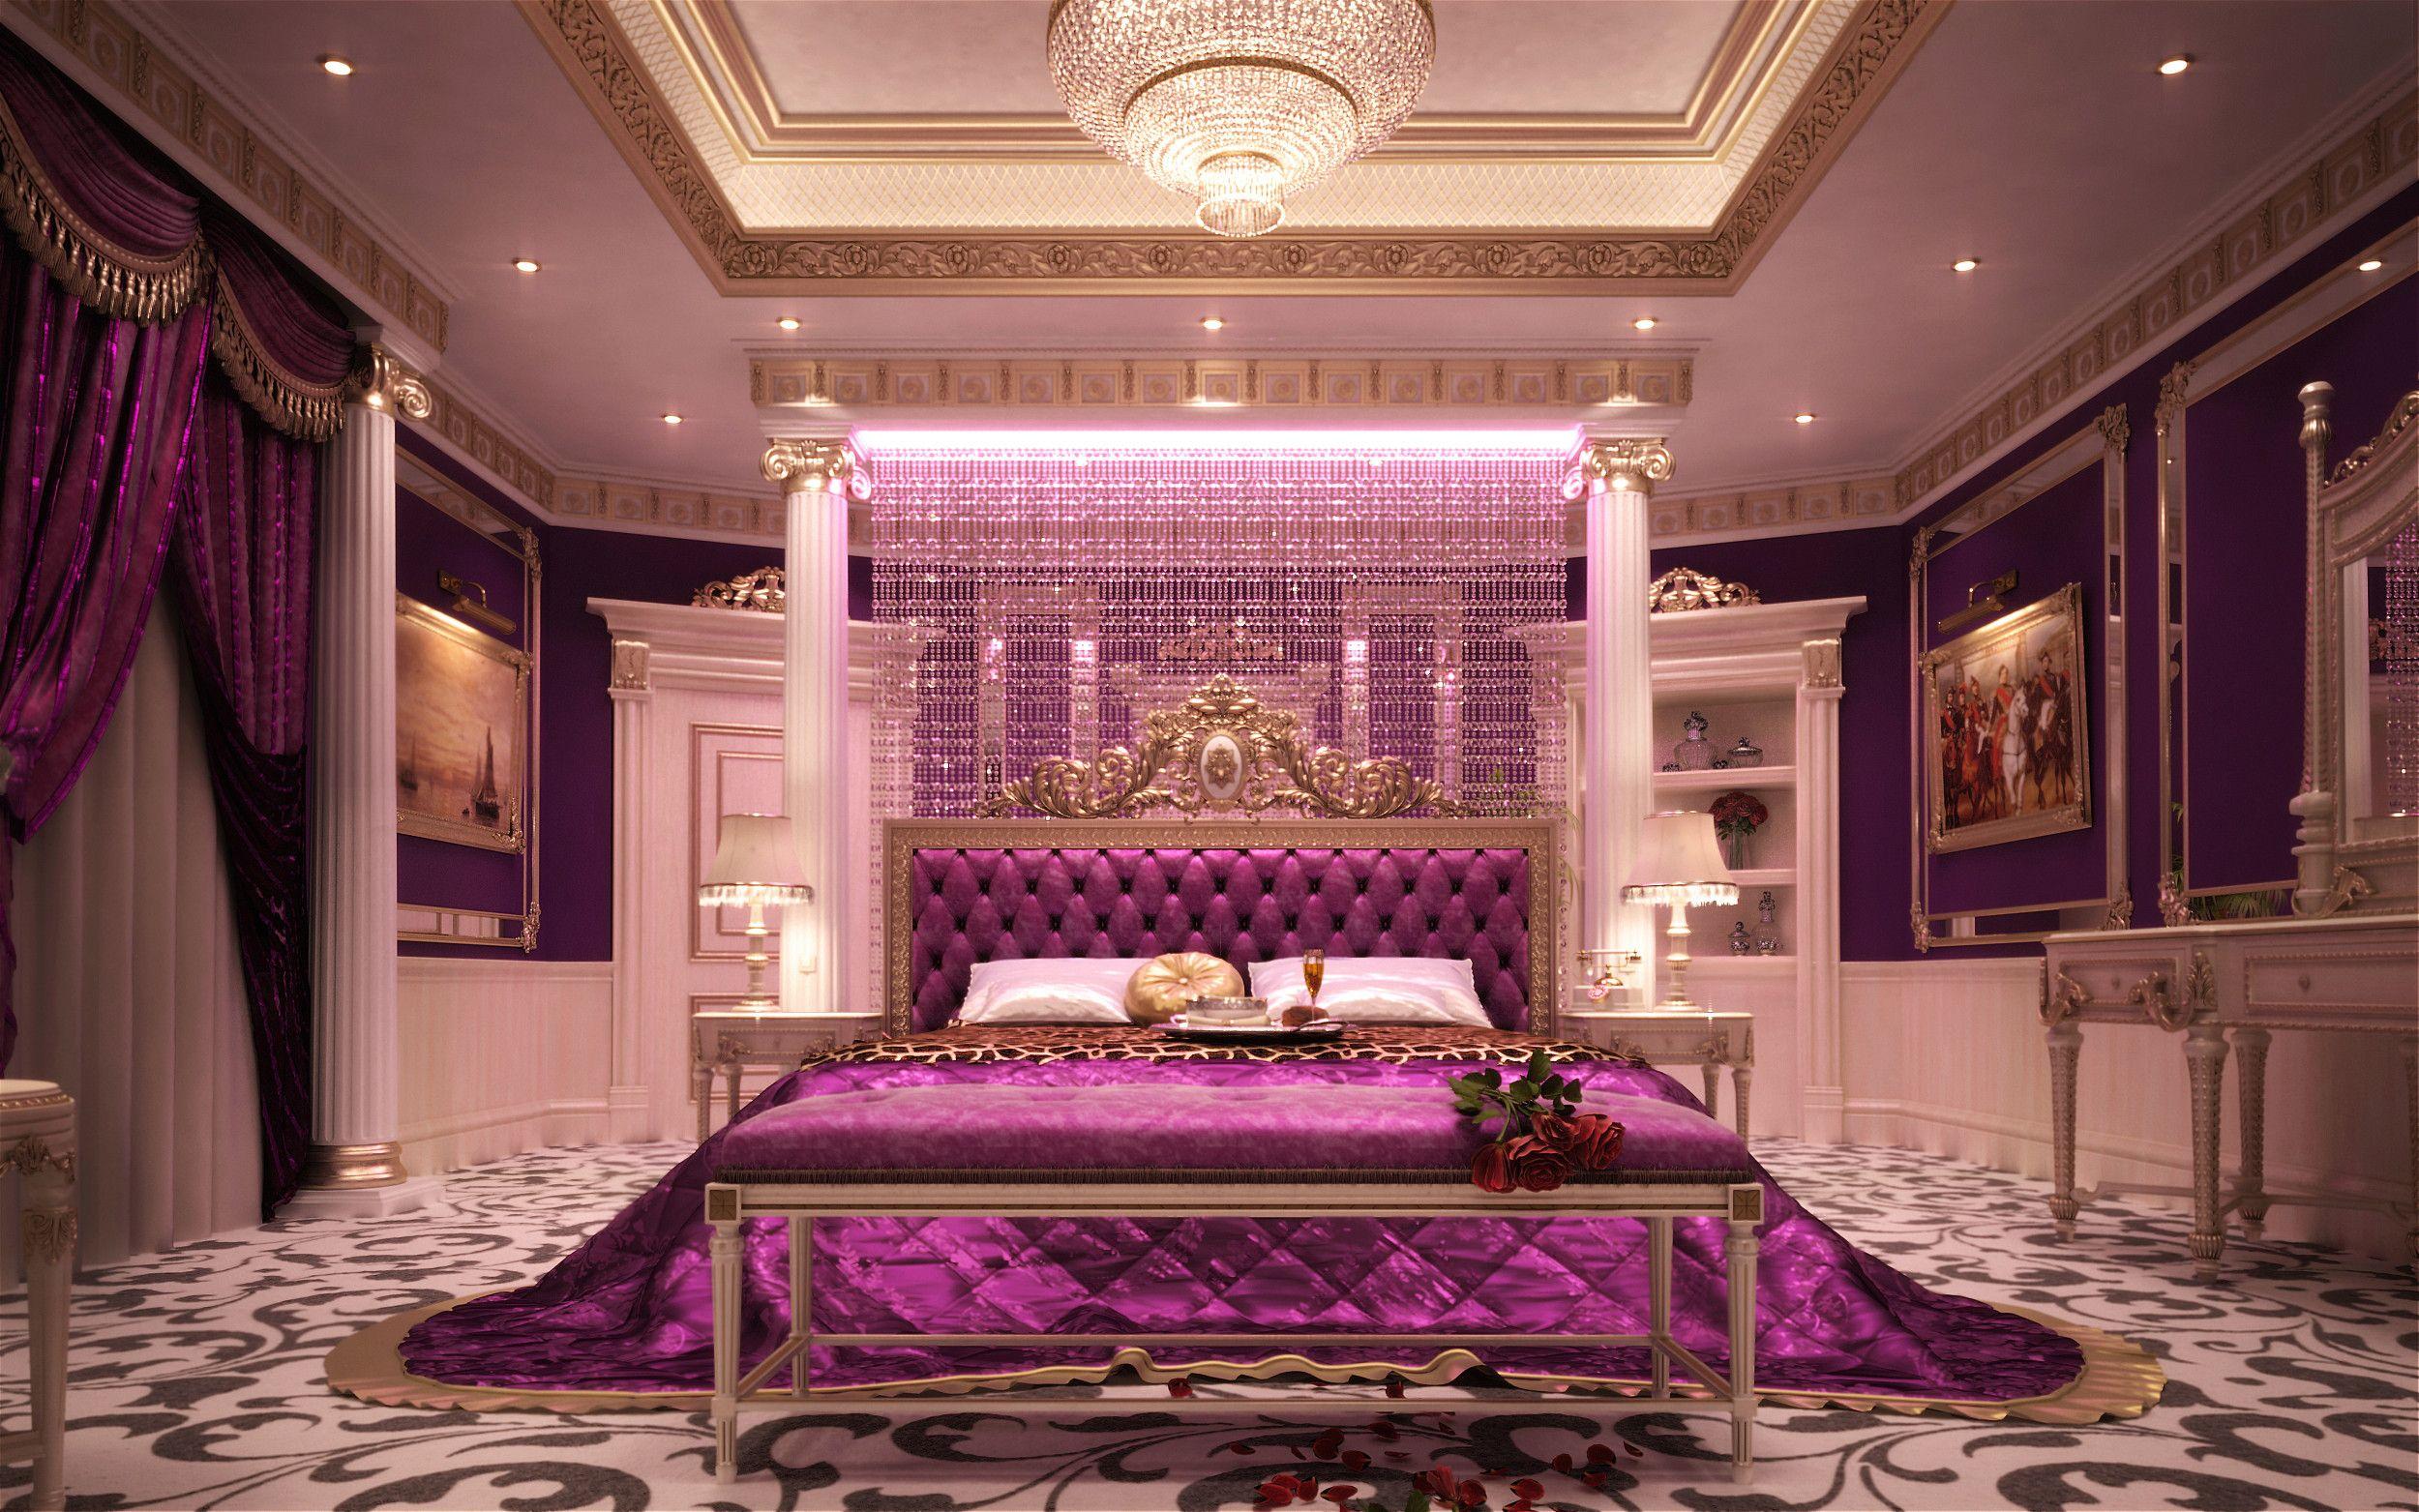 Best Http Www Turbosquid Com 3D Models 3D Bedroom Scene Model 400 x 300